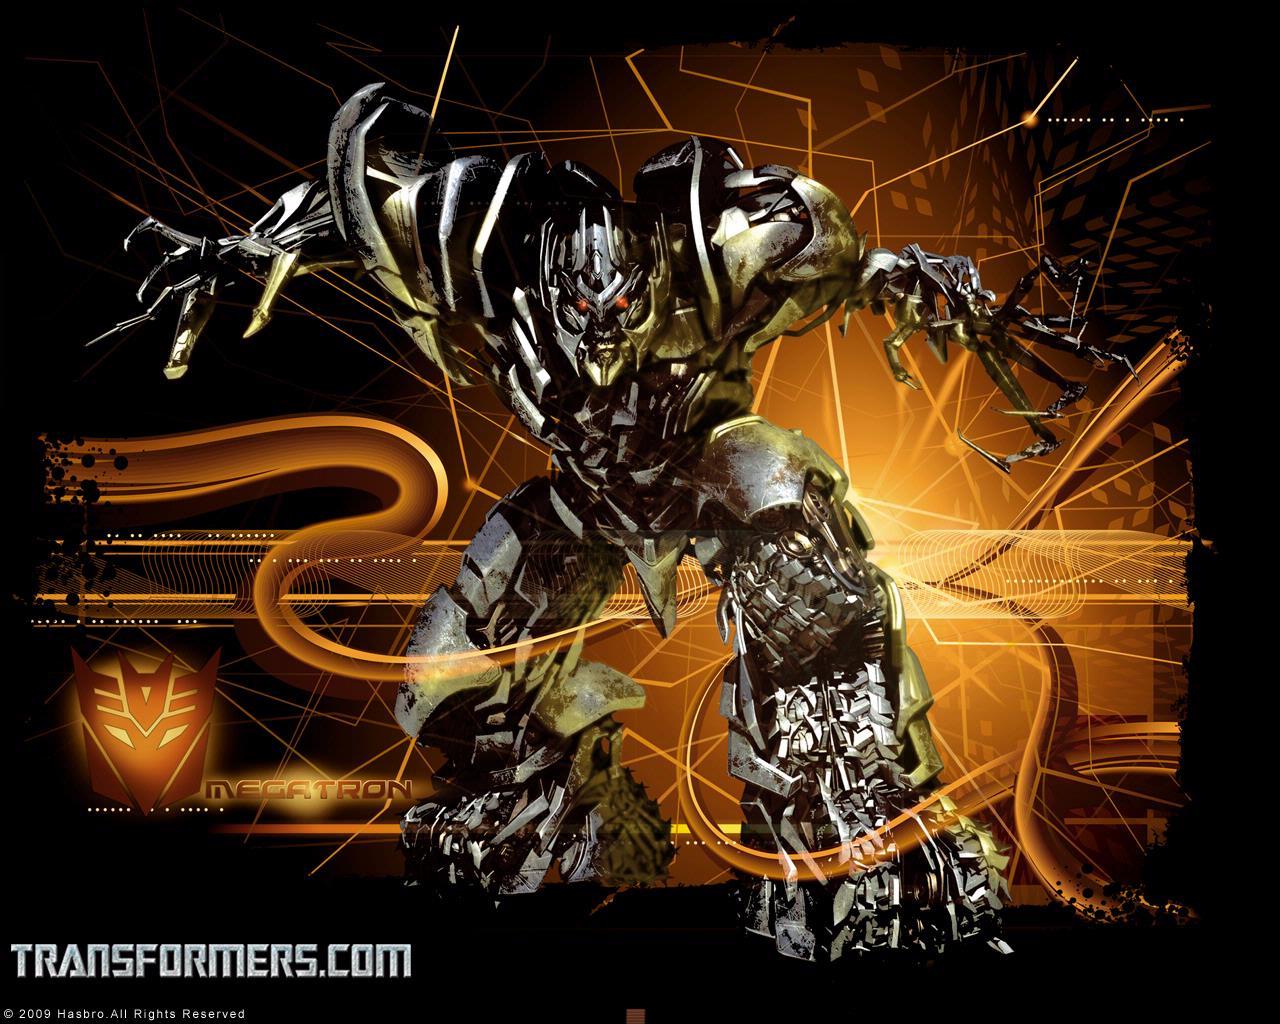 http://1.bp.blogspot.com/-Hq2KNqpBJxk/UW9hWDDTcmI/AAAAAAAArnU/GFc_xmQxG7E/s1600/Transformers+wallpaper+(16).jpg